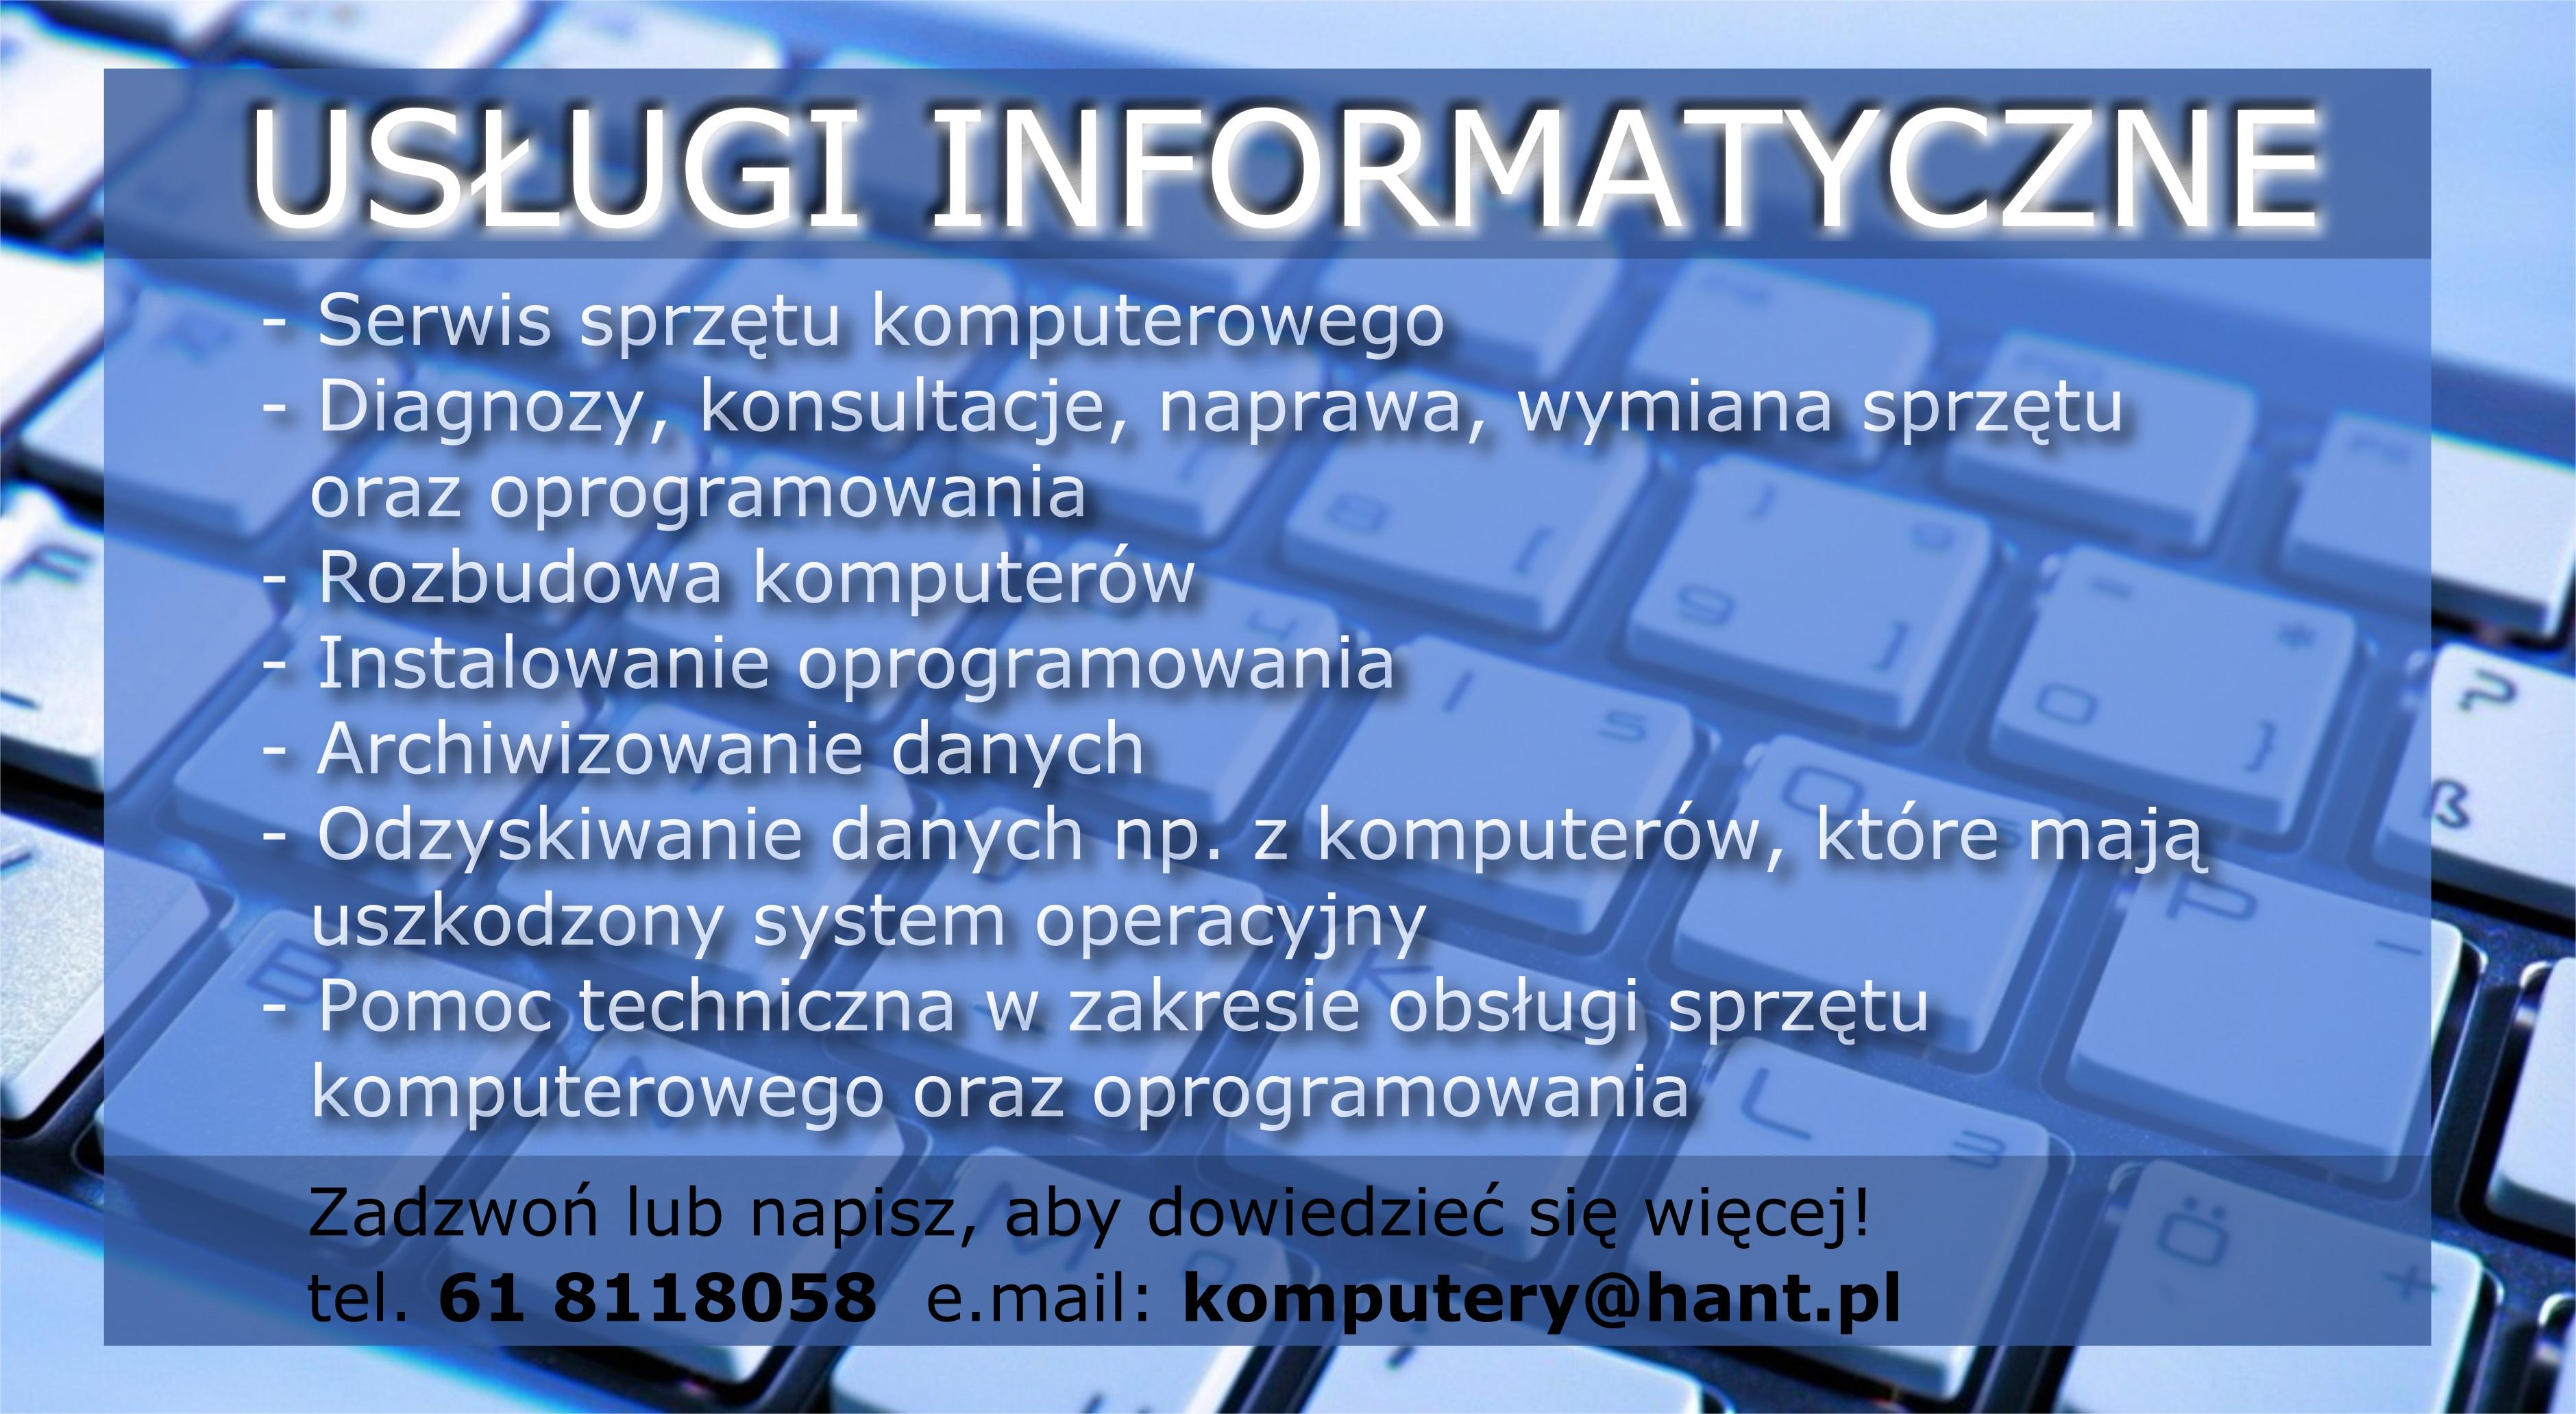 HANT-usługi informatyczneo